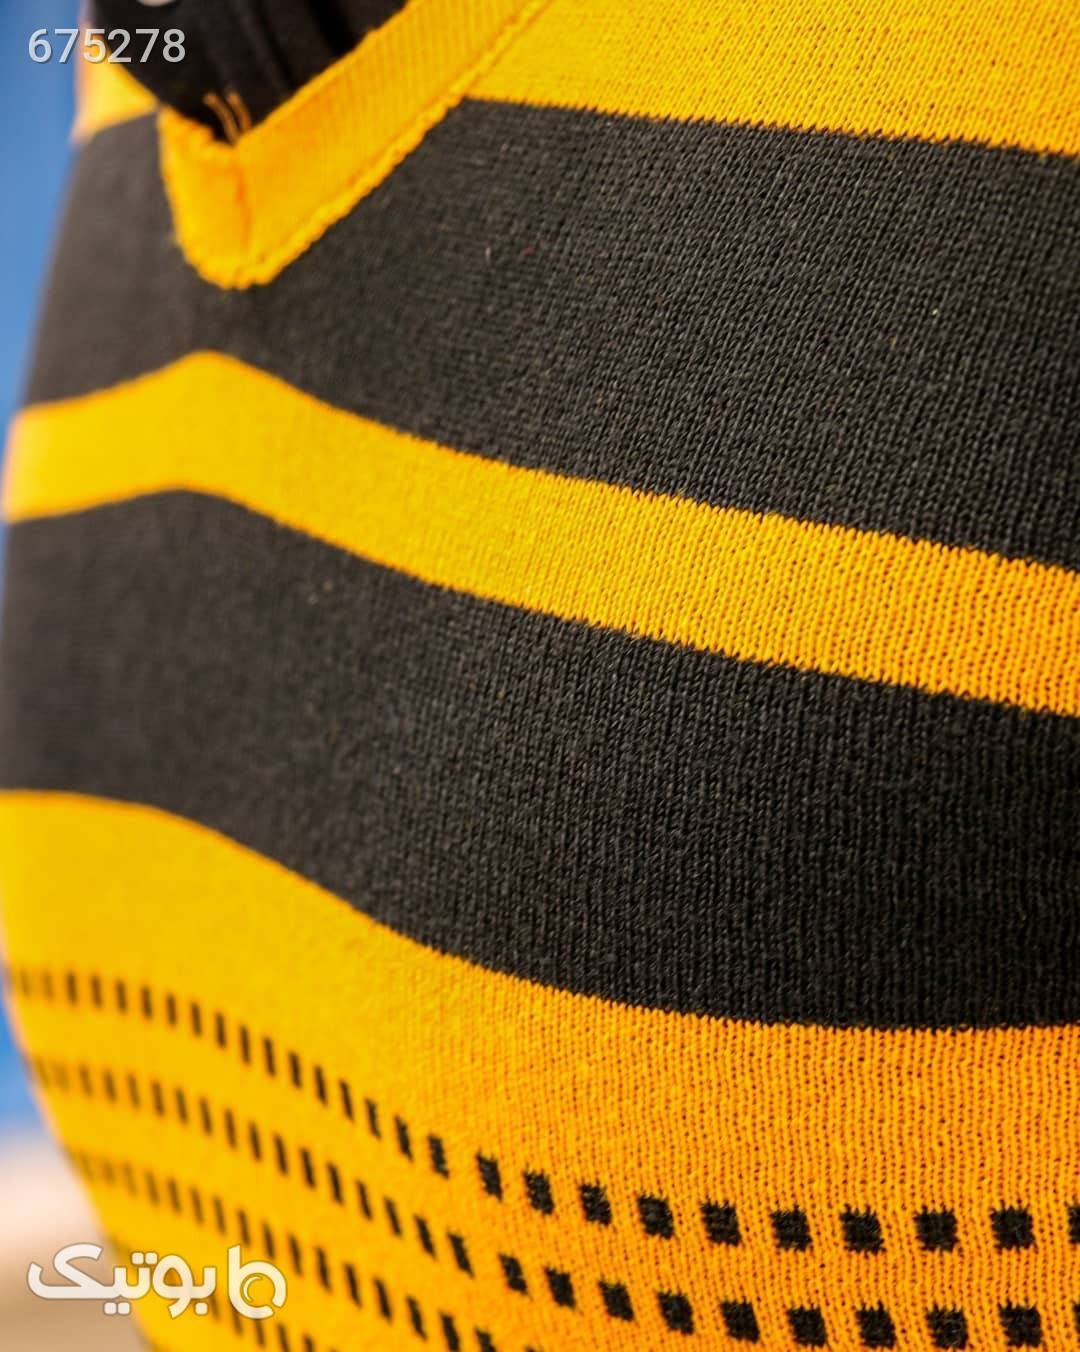 بافت مردانه یقه هفت طرح دار نارنجی پليور و ژاکت مردانه